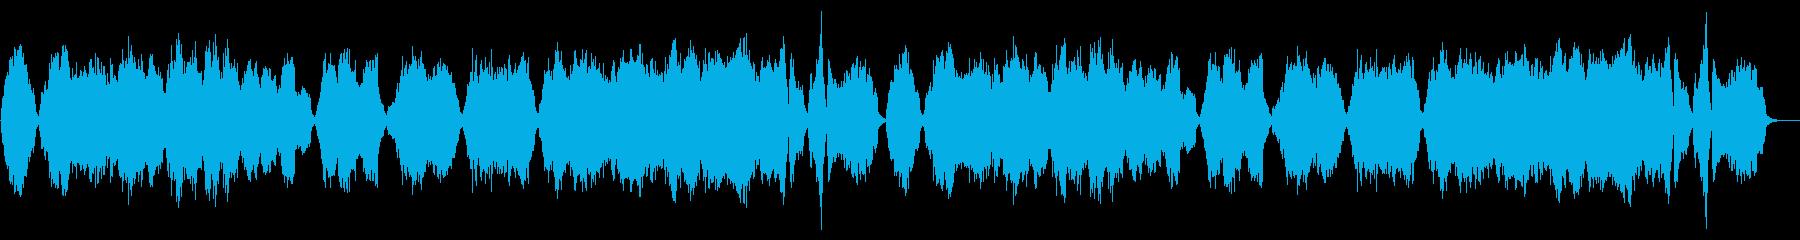 優しく切ない感動的な弦楽曲の再生済みの波形